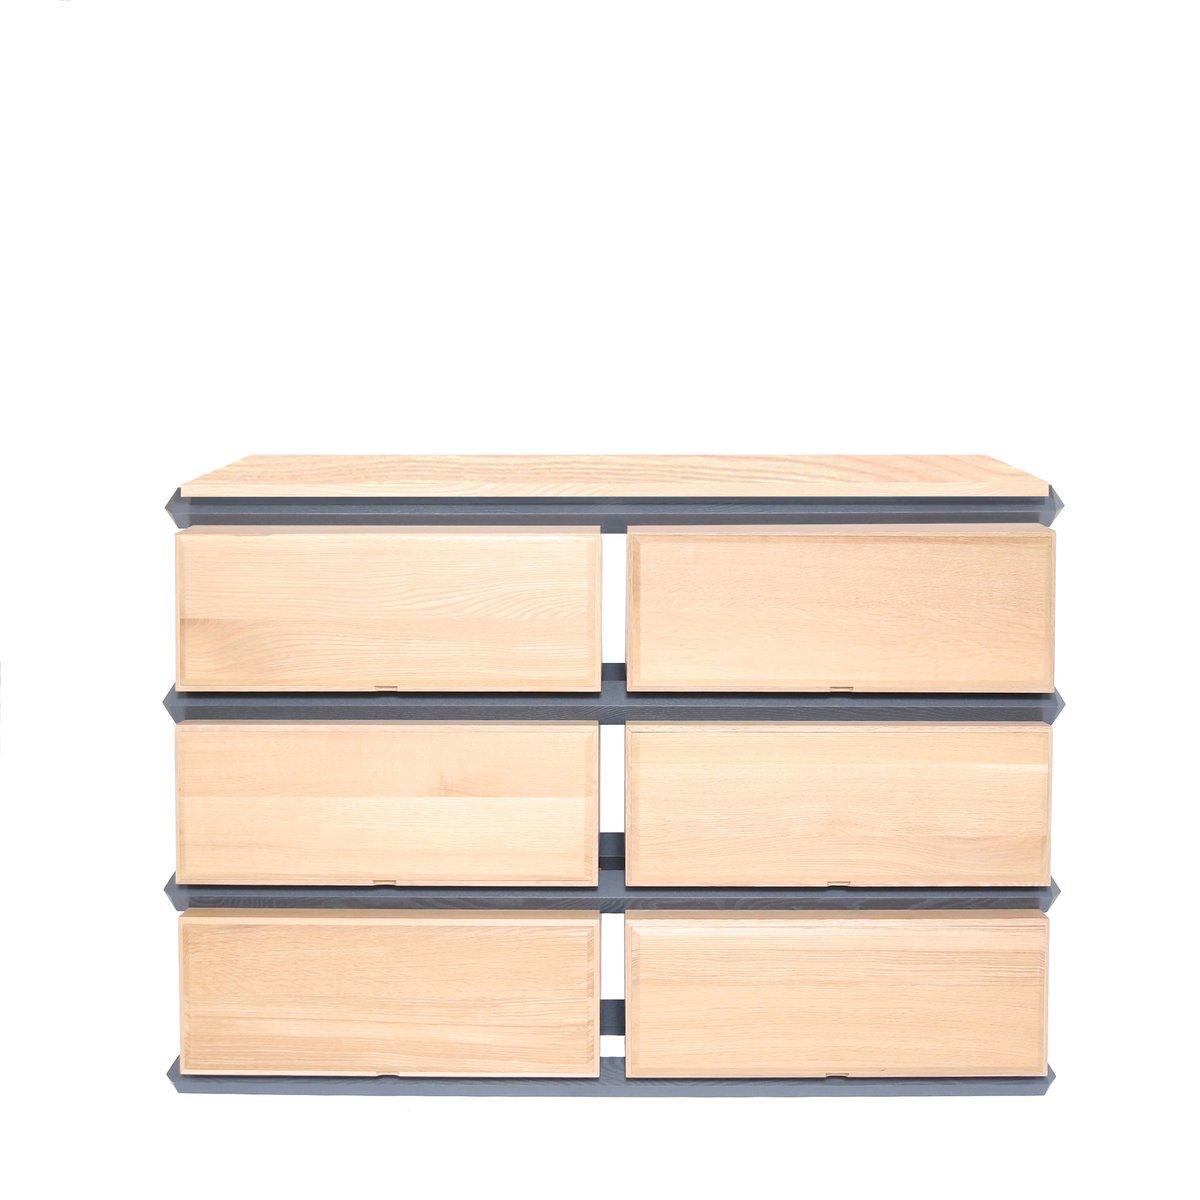 Cassettiera larga doppia a tre livelli in legno di Debra Folz Design ...